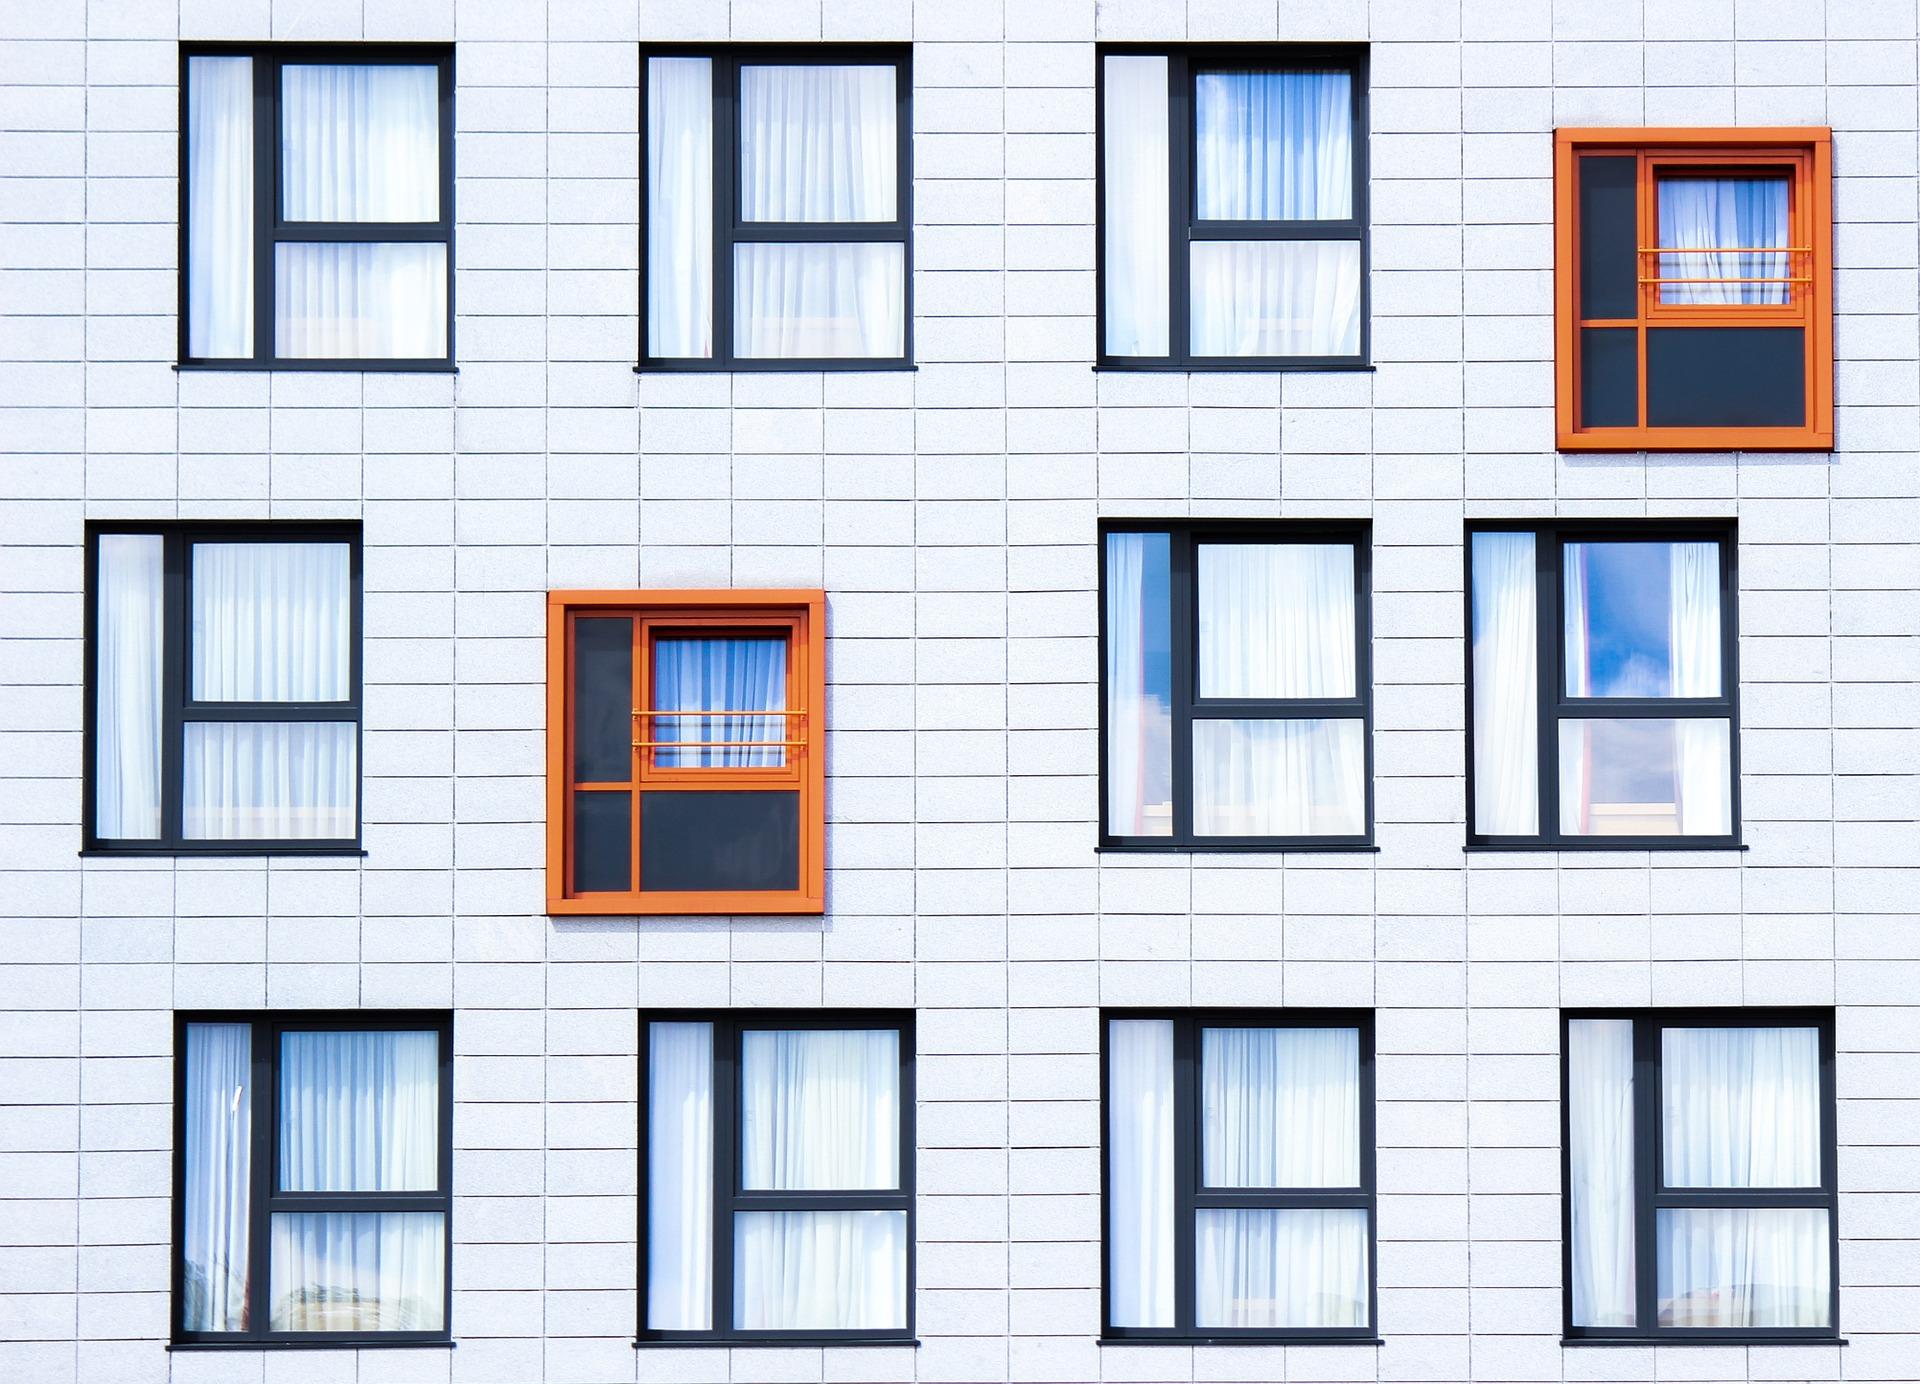 「窓」 村上春樹